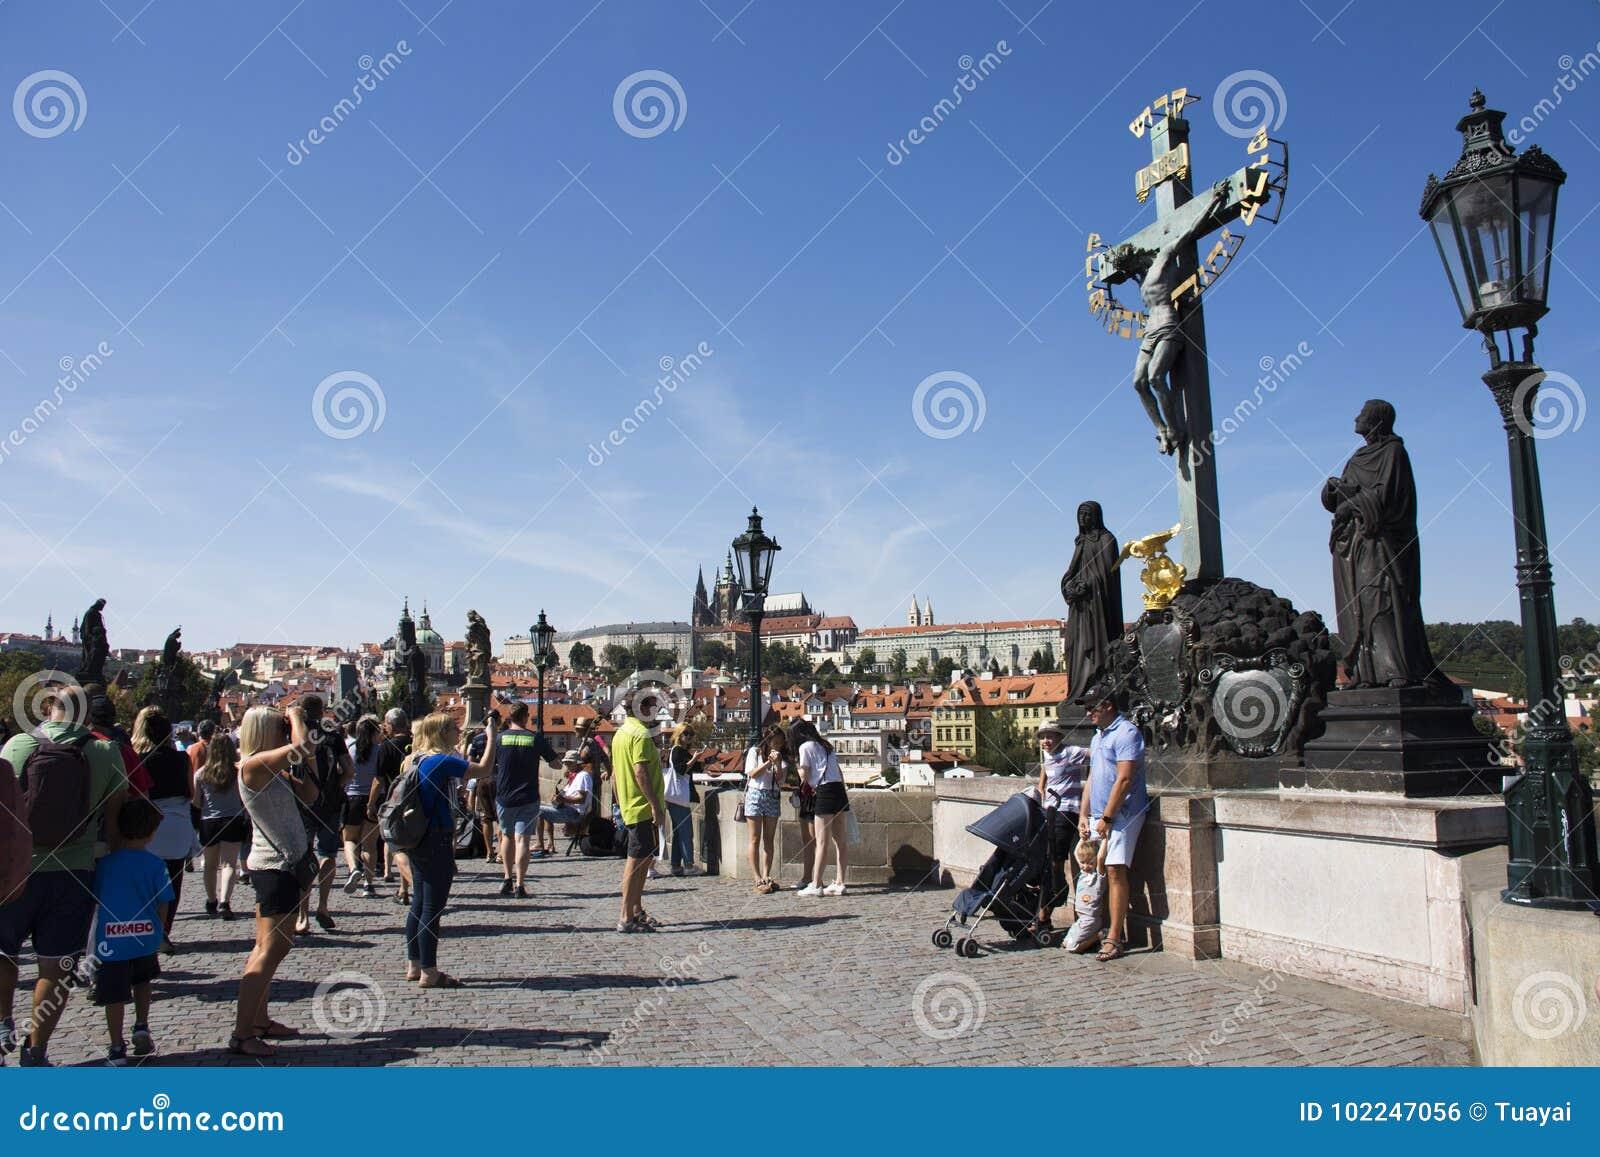 Czechia人和外国人在查理大桥的旅客走和参观